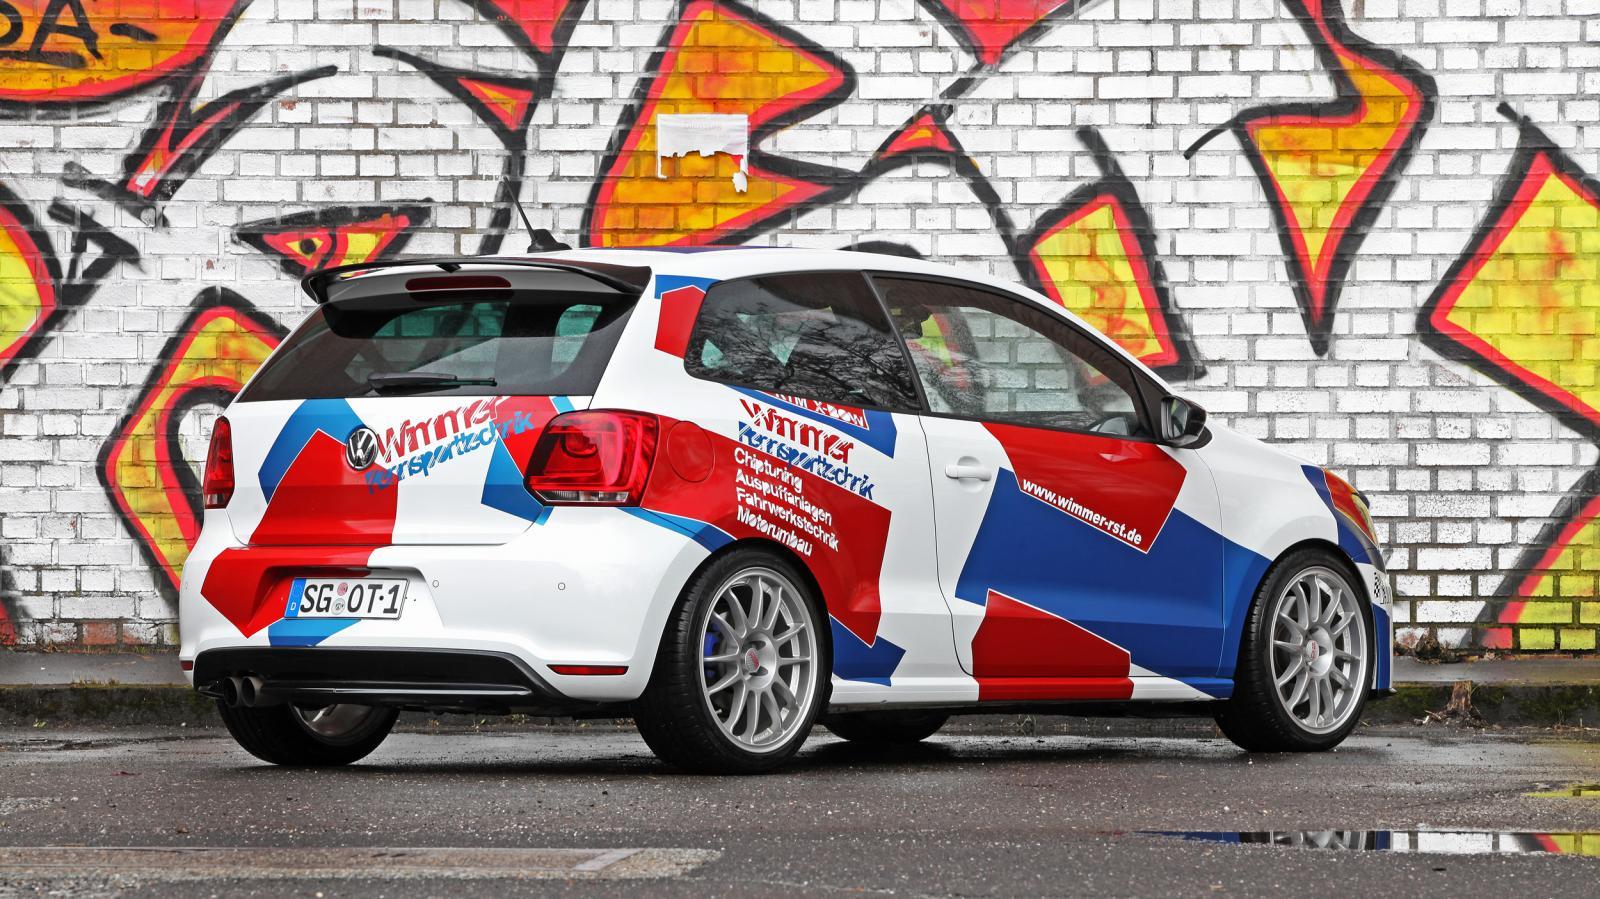 ¡Increíble! El Volkswagen Polo R WRC Street tiene 420 CV sobre el 2.0 TSI 3